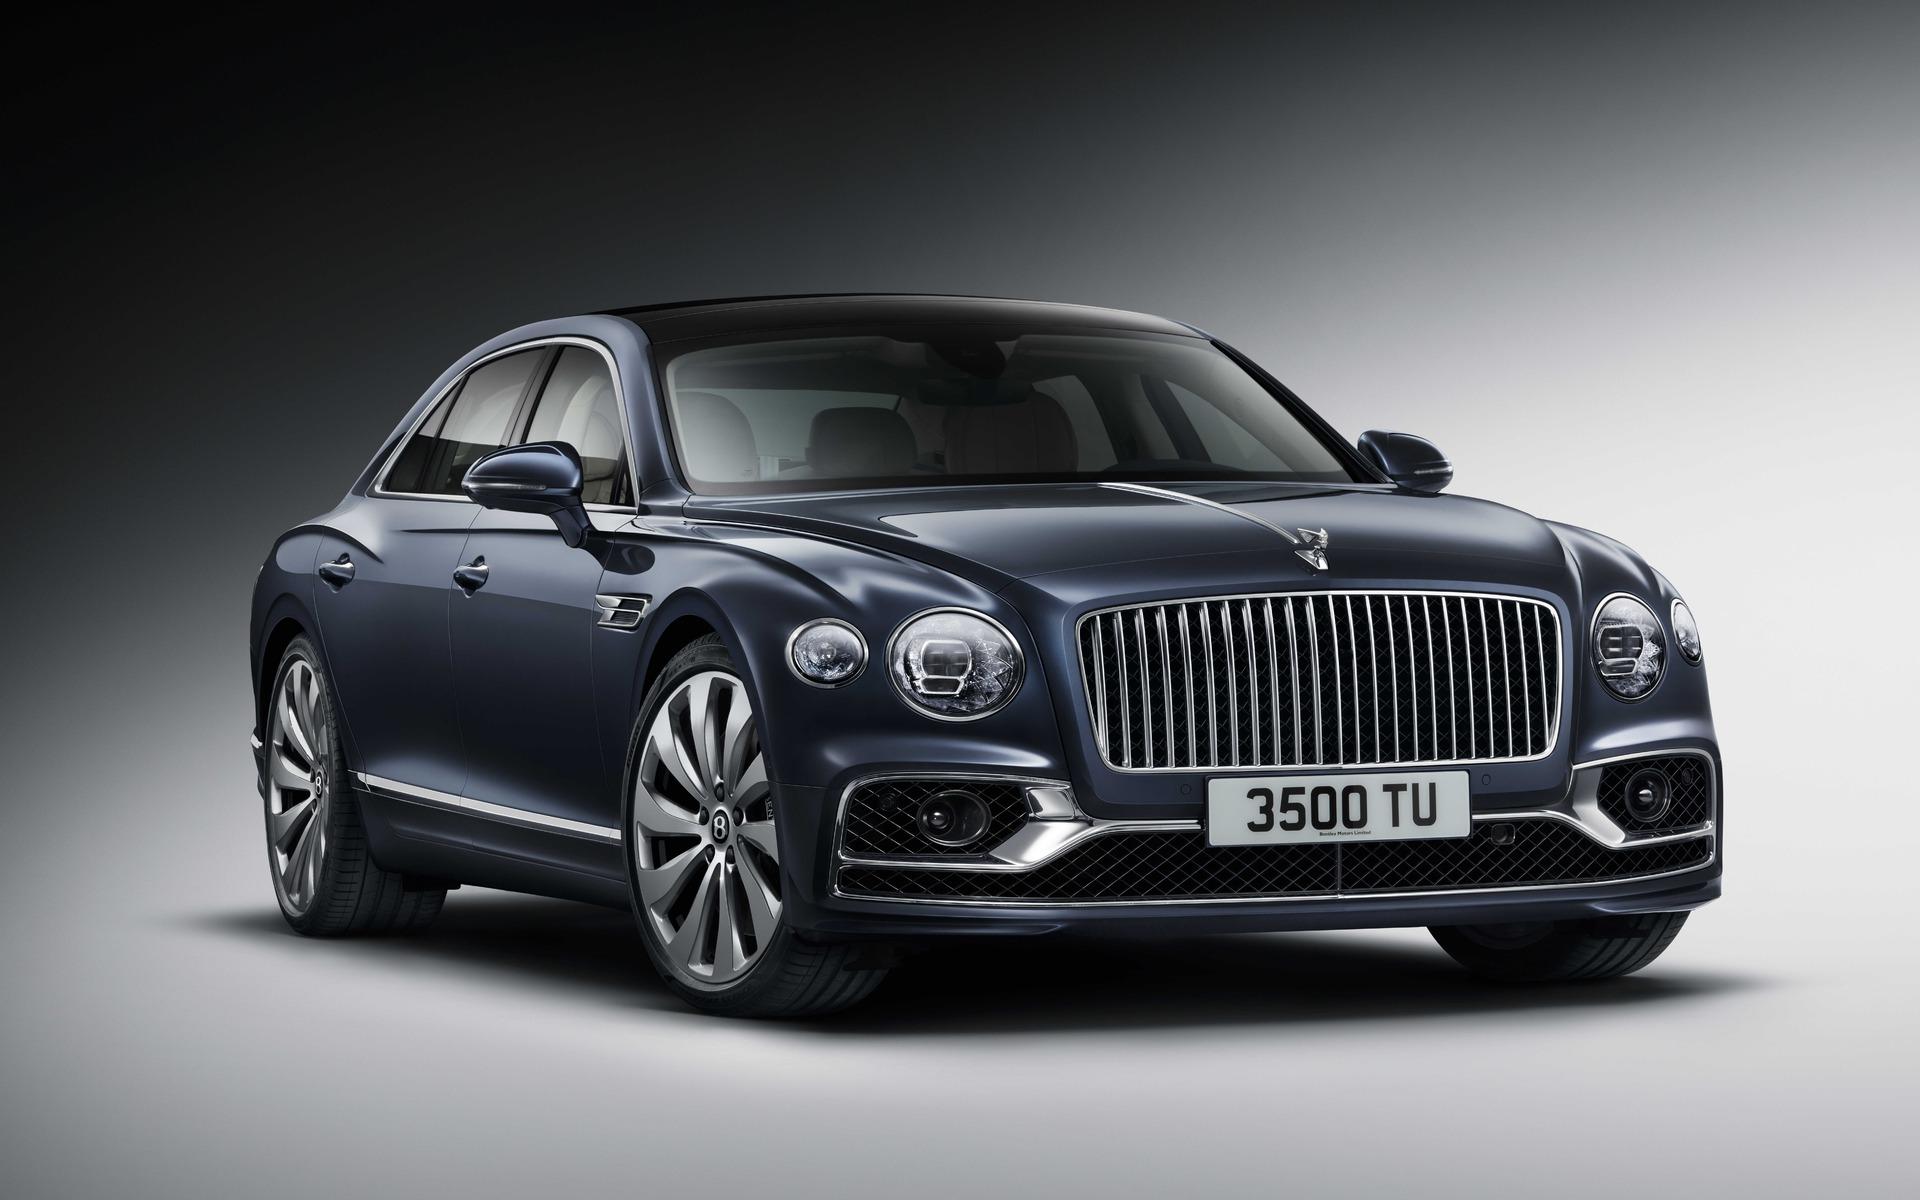 Bentley présente sa nouvelle Flying Spur 380631_2020_Bentley_Flying_Spur